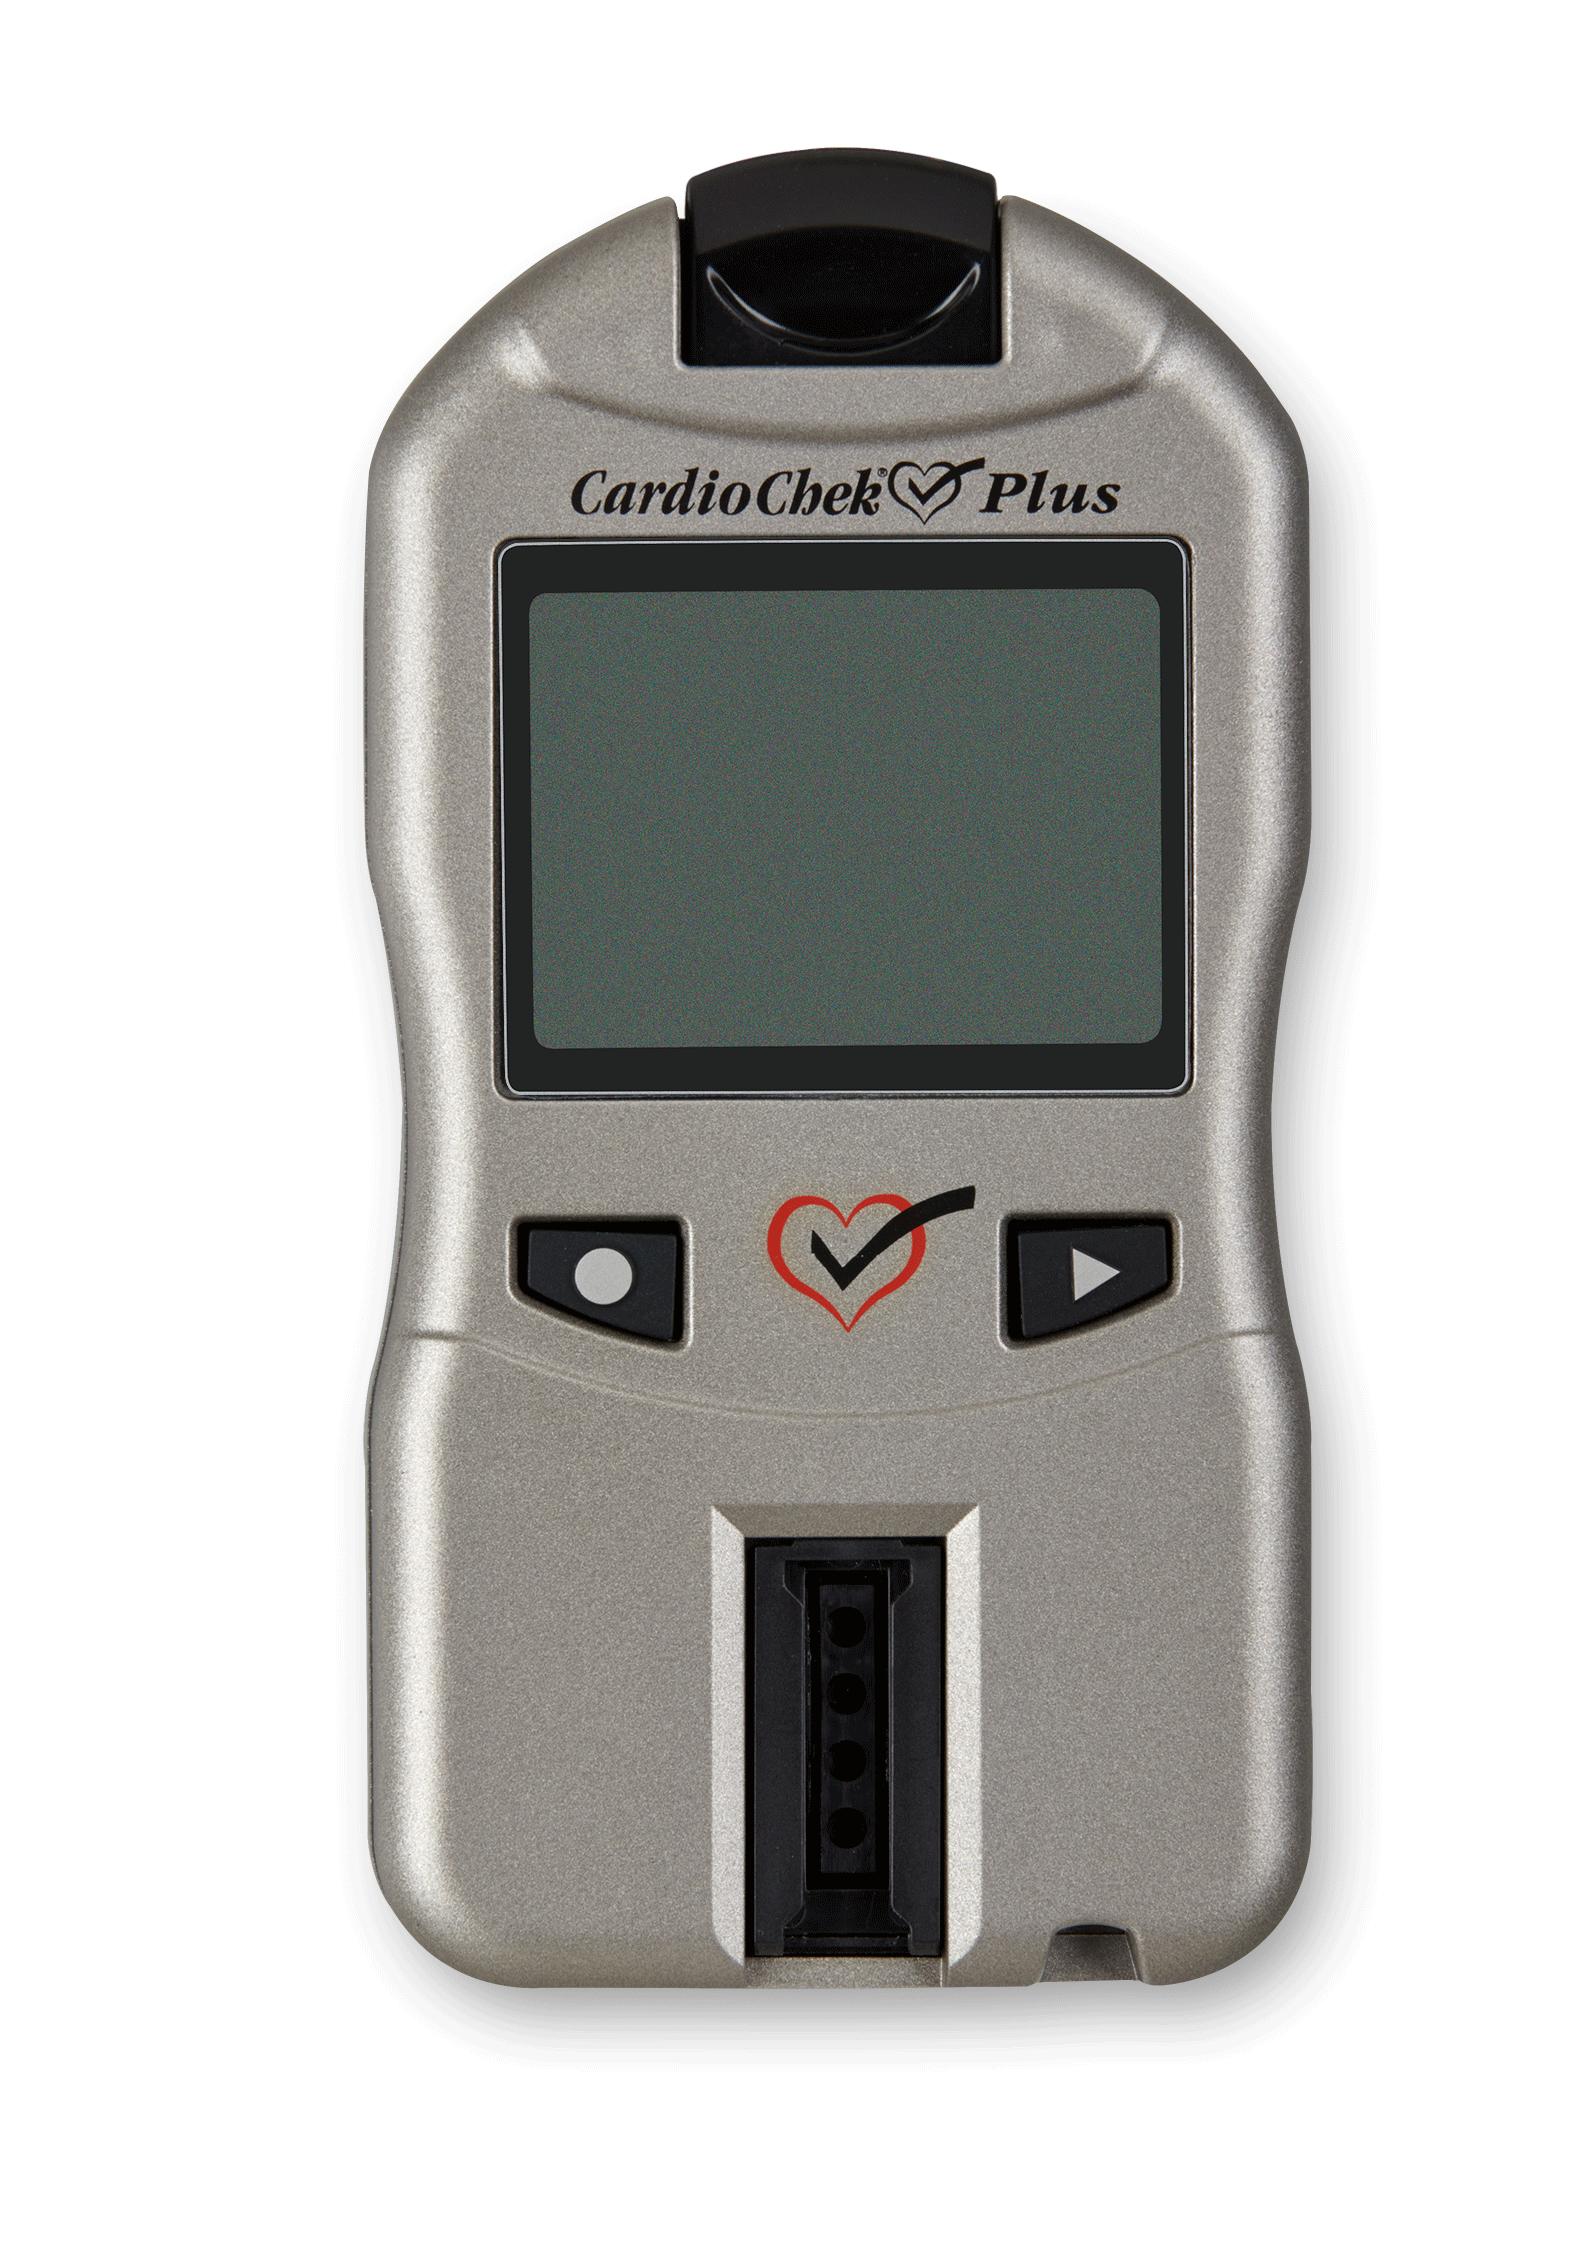 CardioChek Plus Analzyer